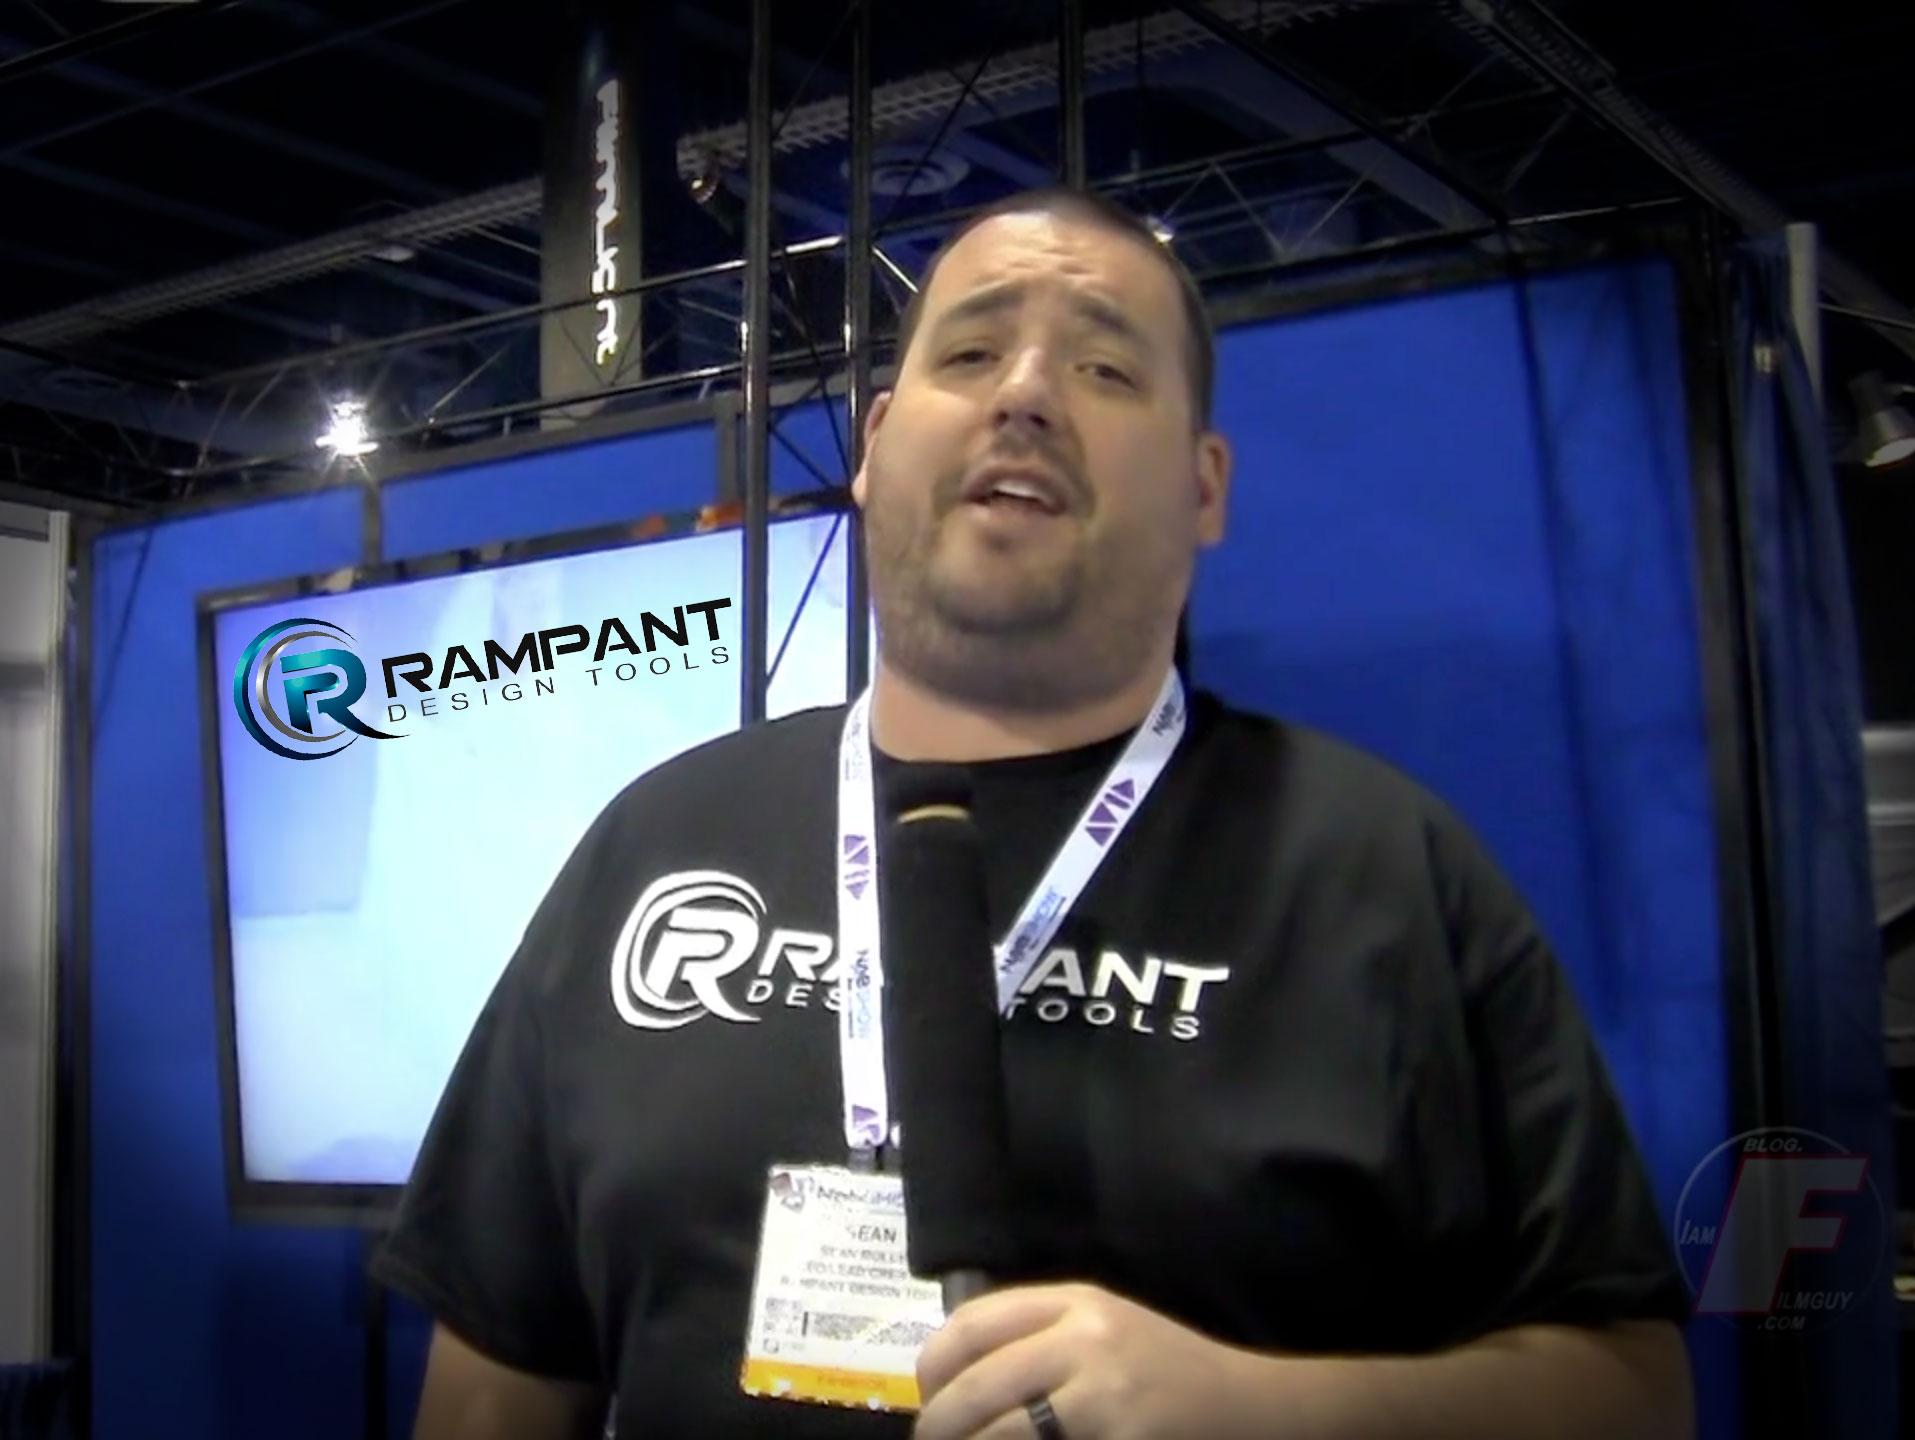 Sean Rampant Design Tools Nab